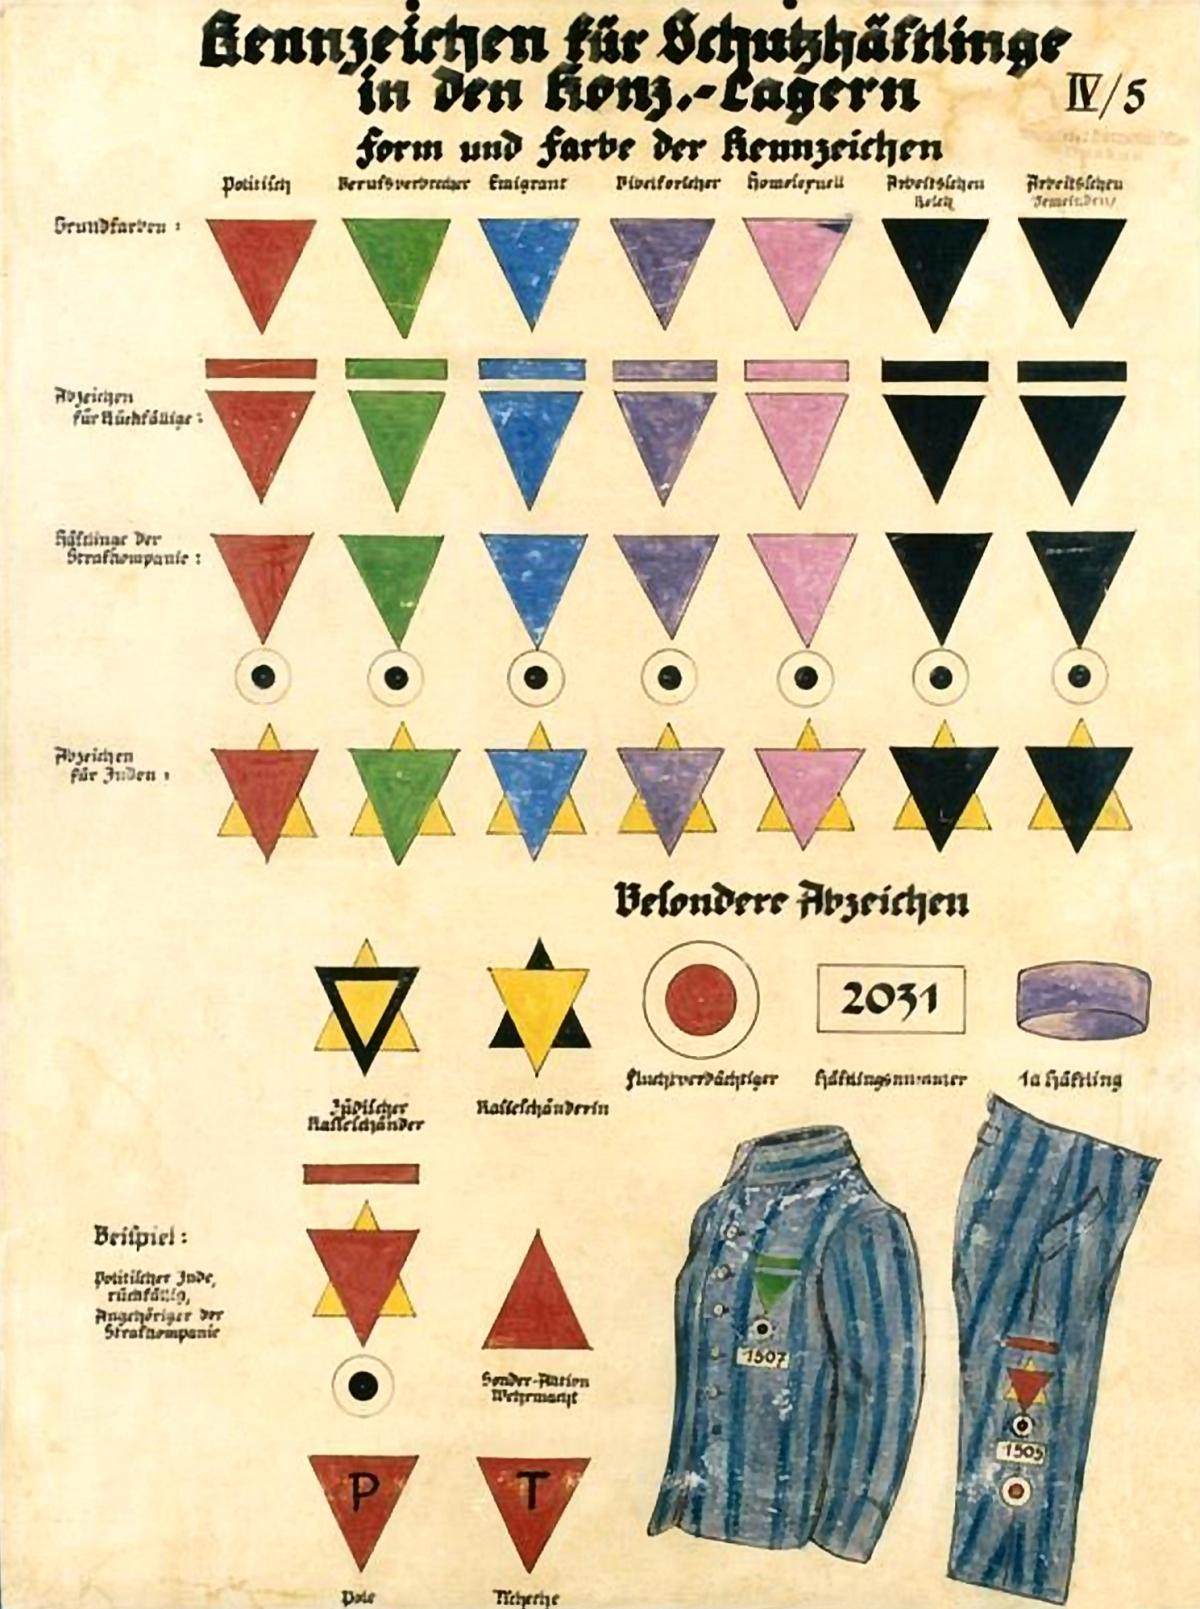 I simboli assegnati alle diverse categorie dei prigionieri nell'universo concentrazionario nazista. Il triangolo giallo indica gli ebrei, quello rosso i politici, quello verde i criminali, quello blu gli emigrati, quello viola i testimoni di Geova, quello rosa gli omosessuali, quello nero gli asociali e quello marrone gli zingari. La combinazione di due triangoli esprime la coesistenza di due condizioni escludenti. Gli altri simboli indicano invece recidive e altri provvedimenti disciplinari. Foto tratta da Bundesarchiv, Bild 146-1993-051-07 / CC-BY-SA 3.0 [CC BY-SA 3.0 DE (https://creativecommons.org/licenses/by-sa/3.0/de/deed.en)] - Giorno della Memoria San Cesario sul Panaro